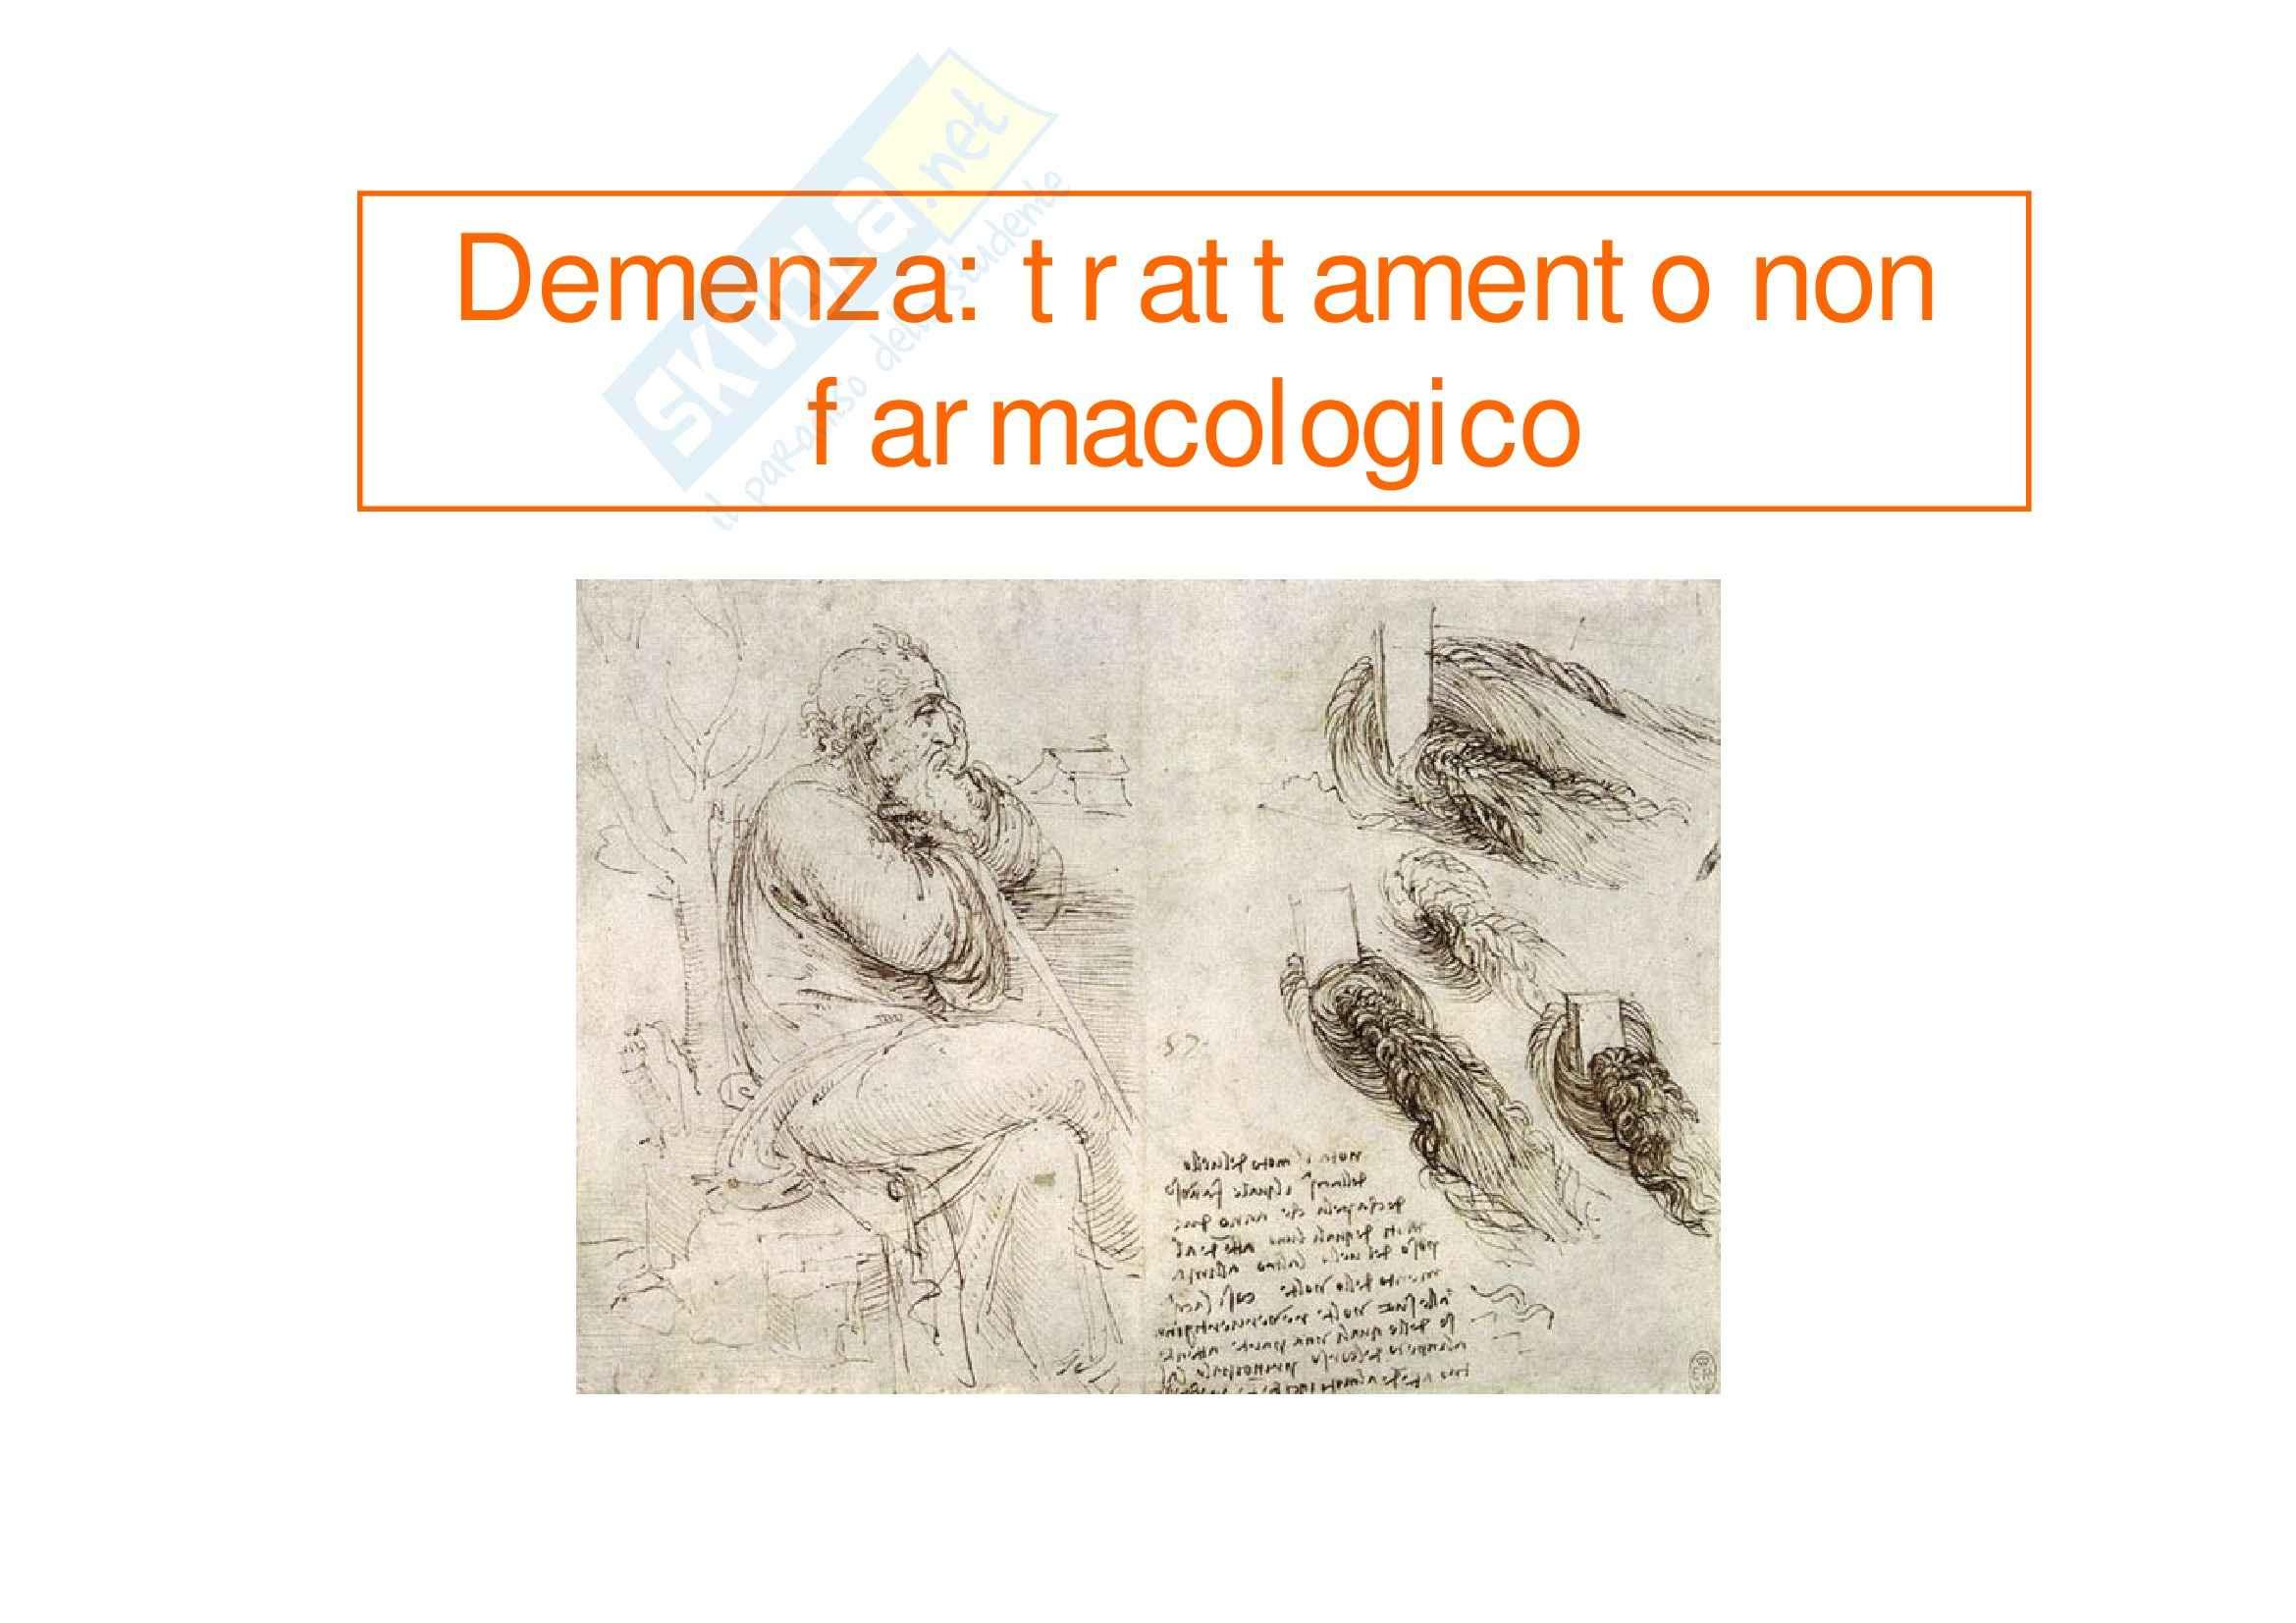 Scienze psichiatriche - Trattamento non farmacologico demenze